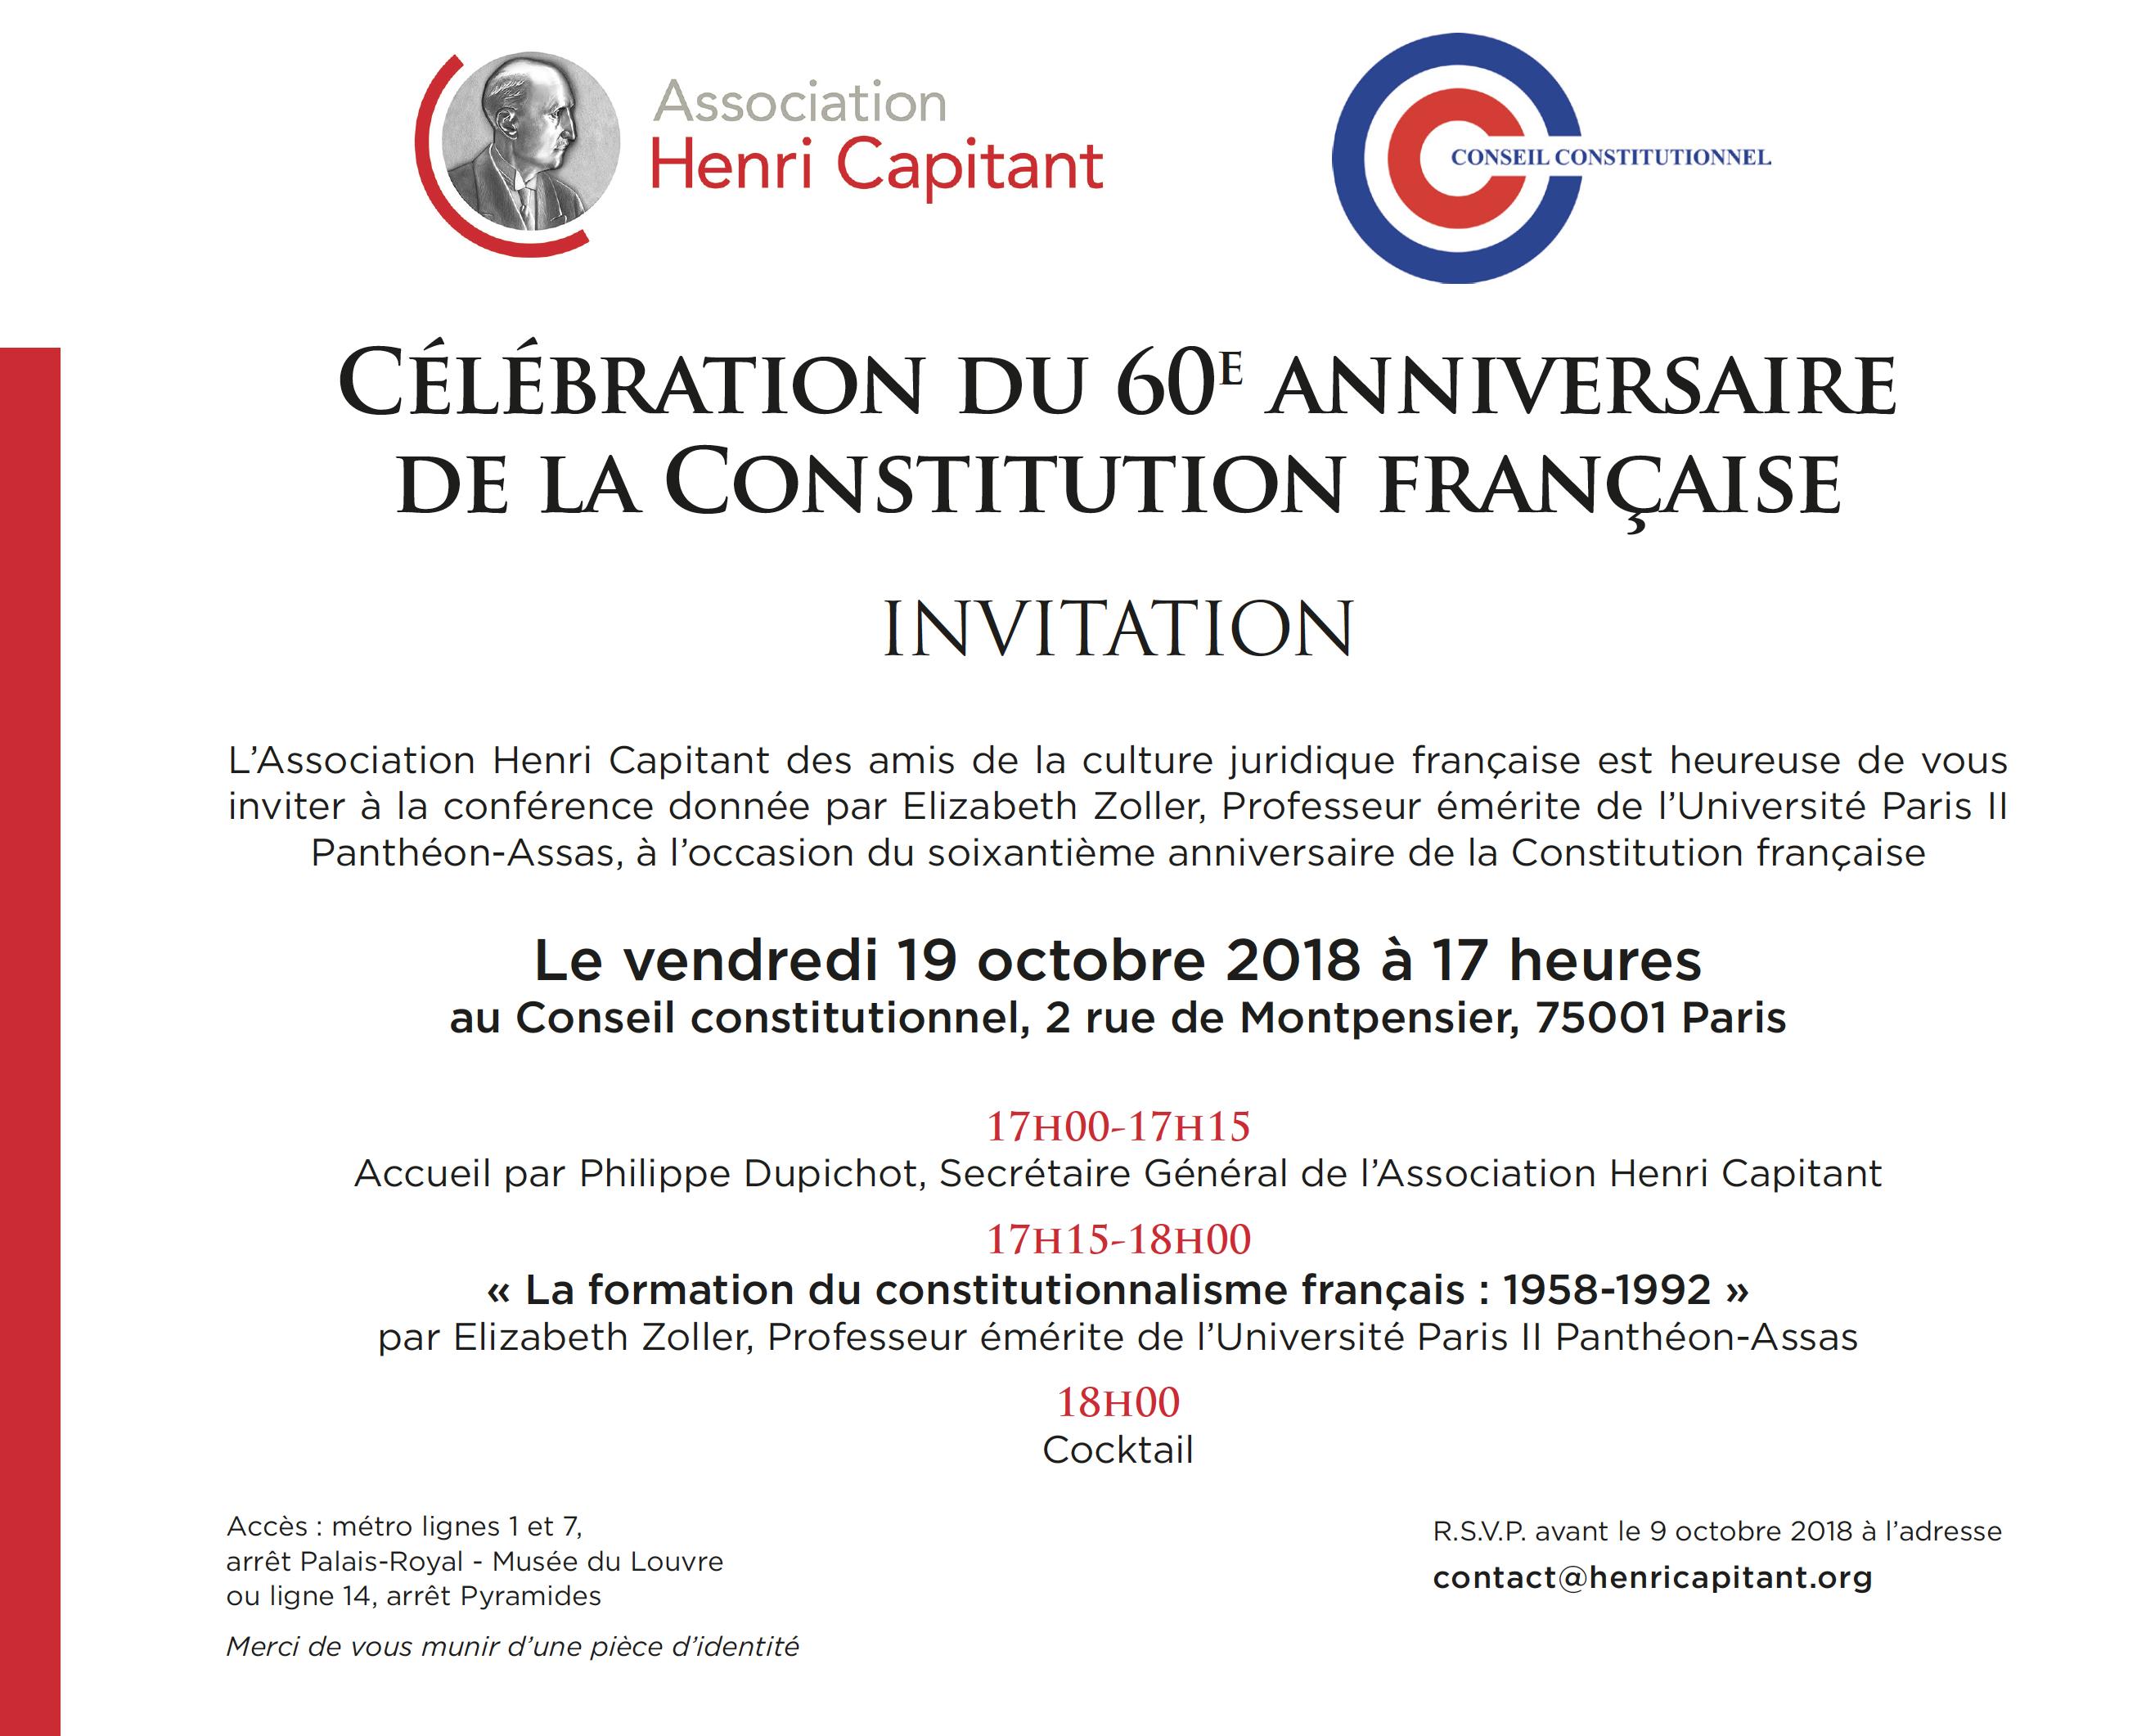 Invitation 60e anniversaire de la Constitution